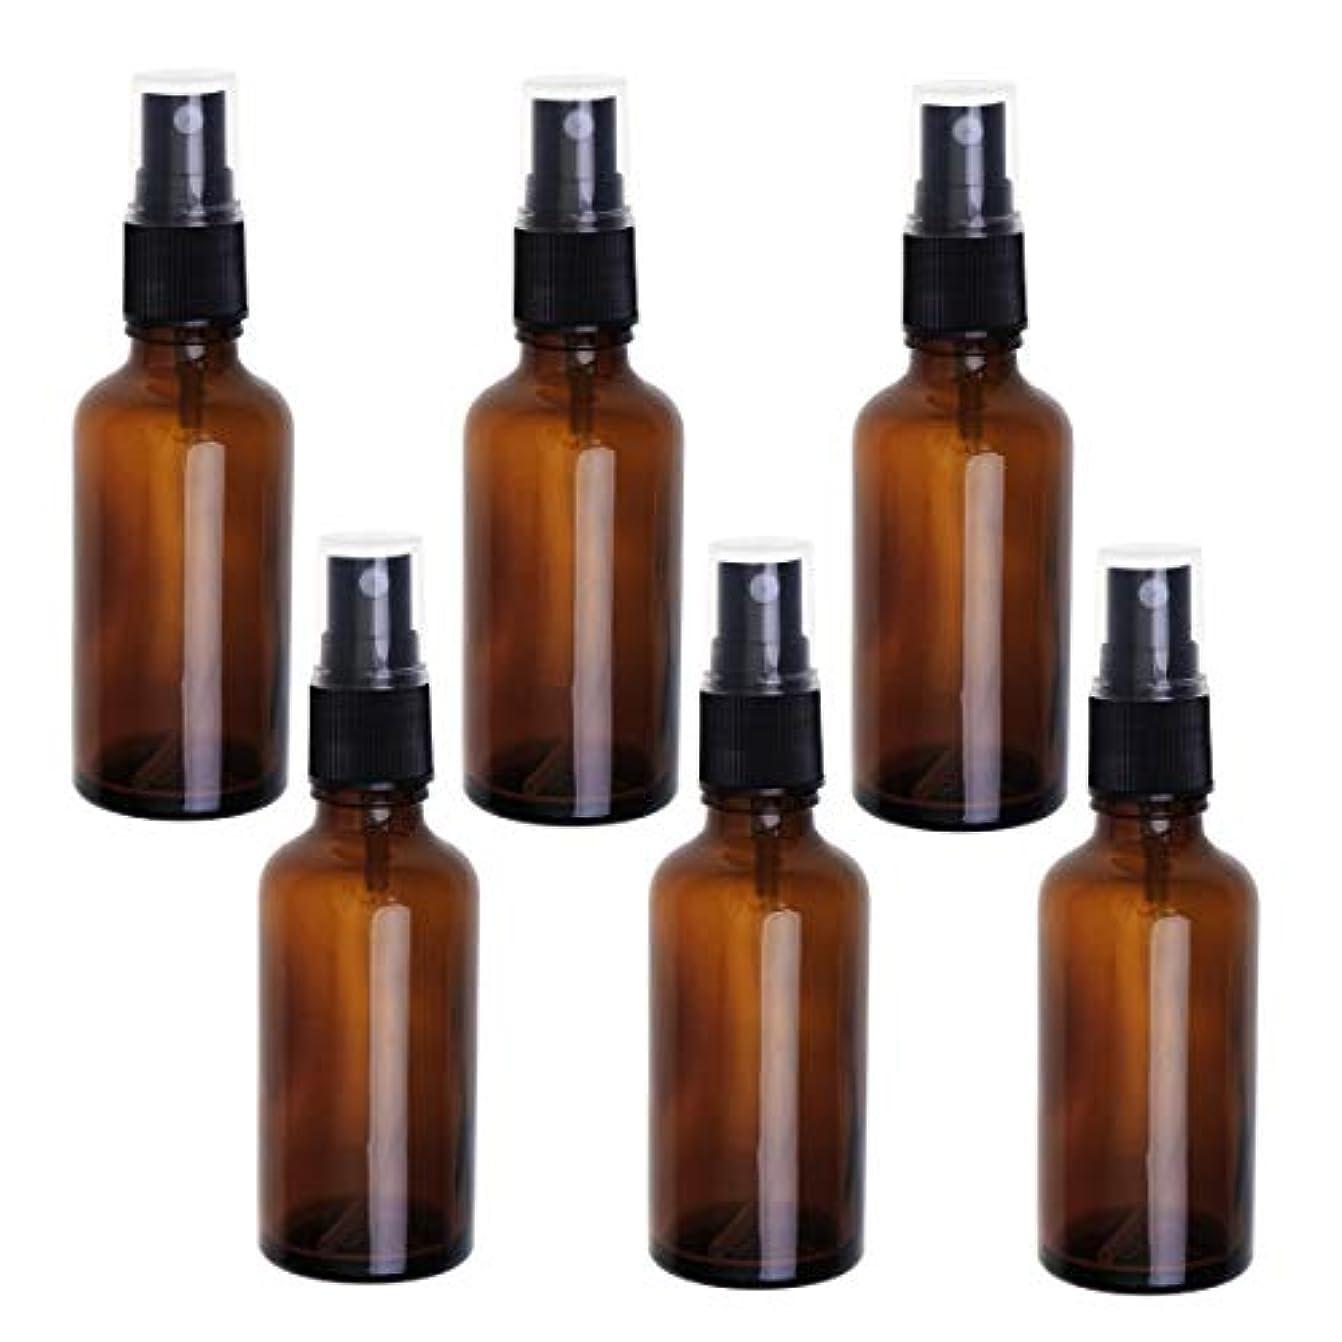 Frcolor スプレーボトル 遮光瓶 霧吹き 遮光スプレー 詰替ボトル アロマスプレー 容器 ガラス 50ml 茶色 6本セット